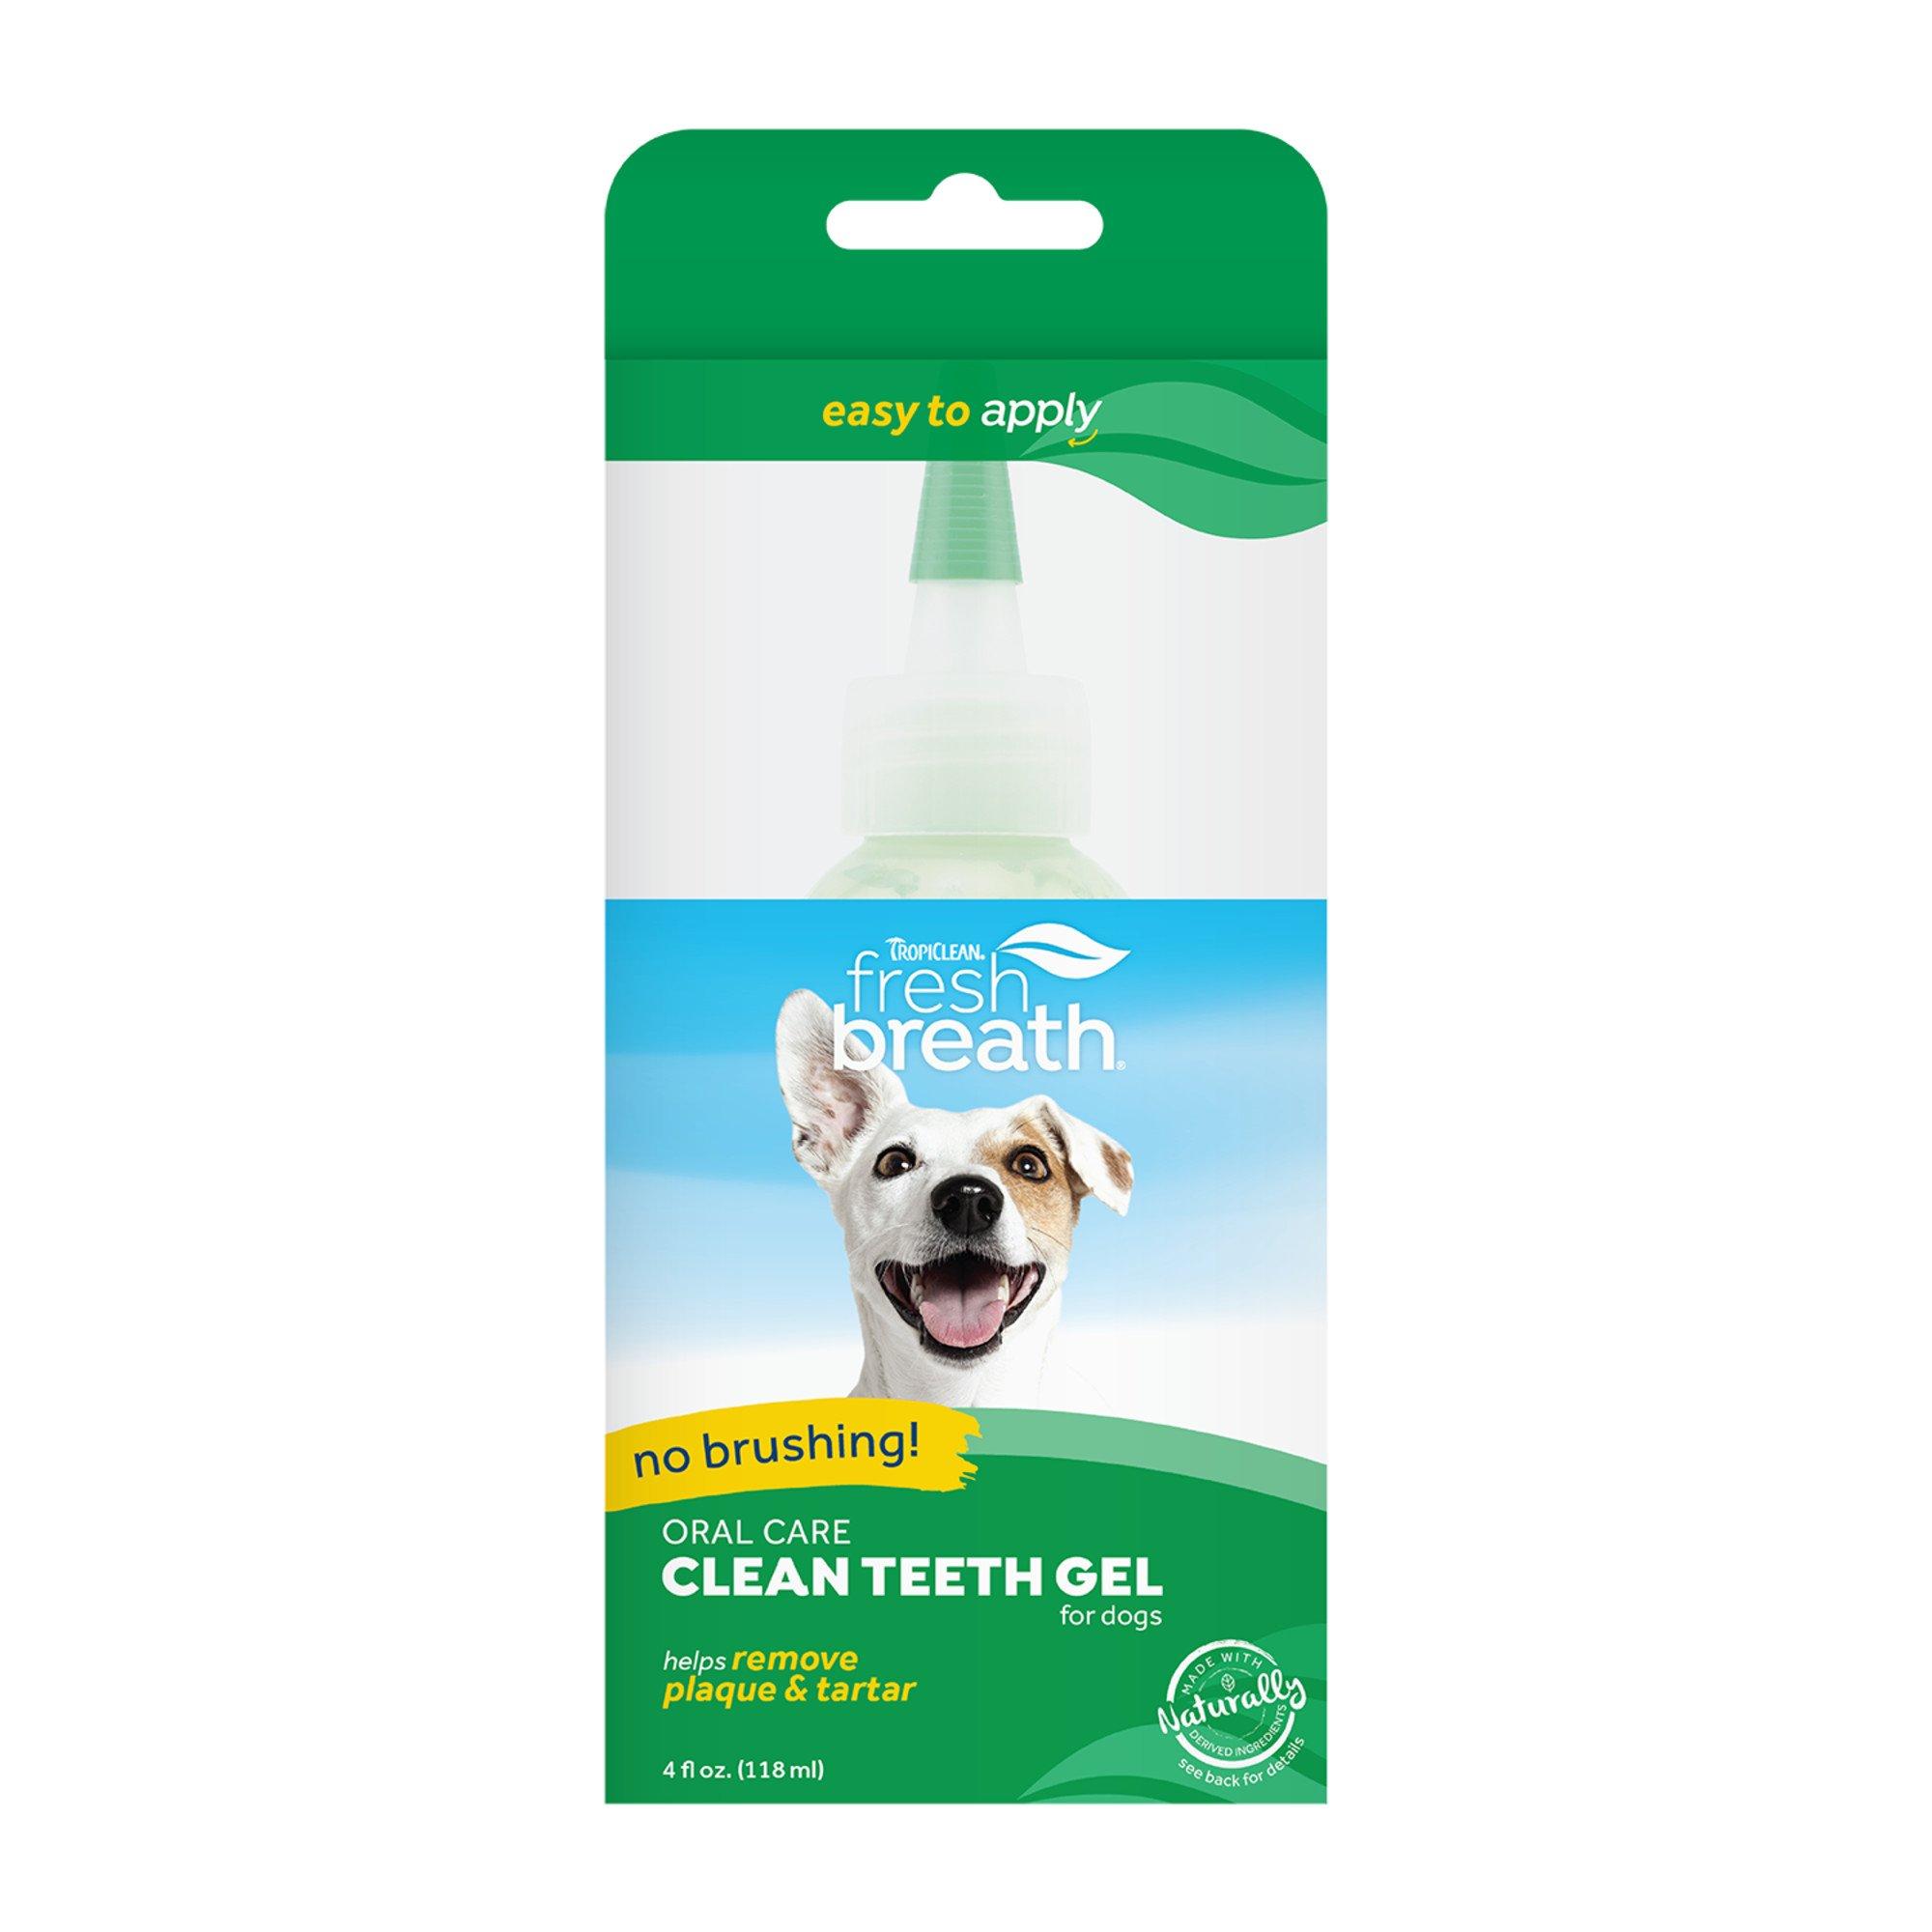 TROP cistici gel na zuby 118ml